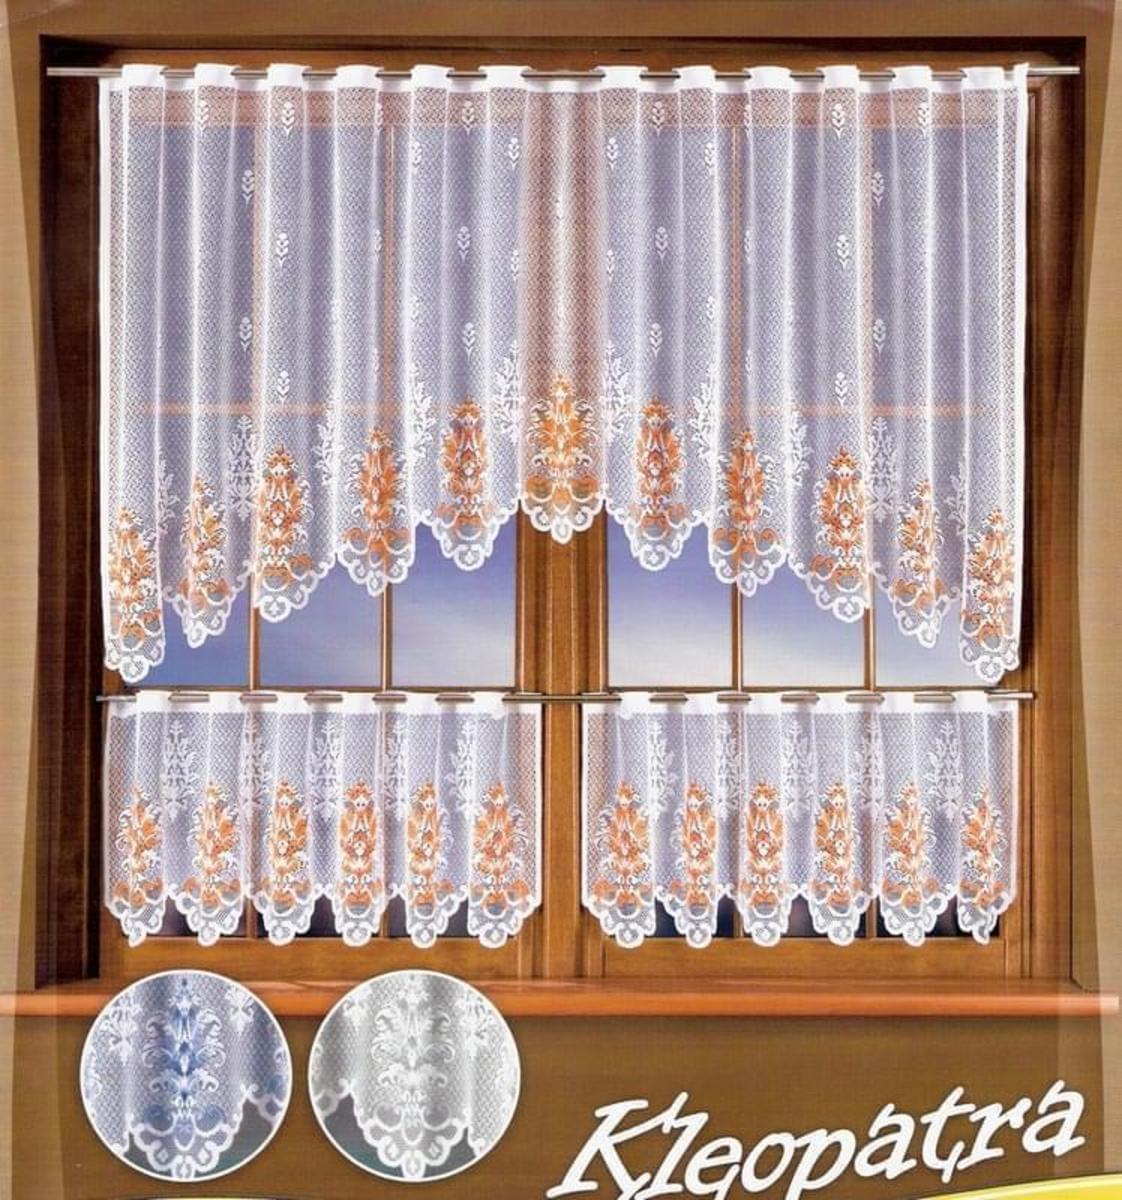 Forbyt Hotová záclona Kleopatra 250 x 100 + 2 ks x (125 x 45 cm) bílá